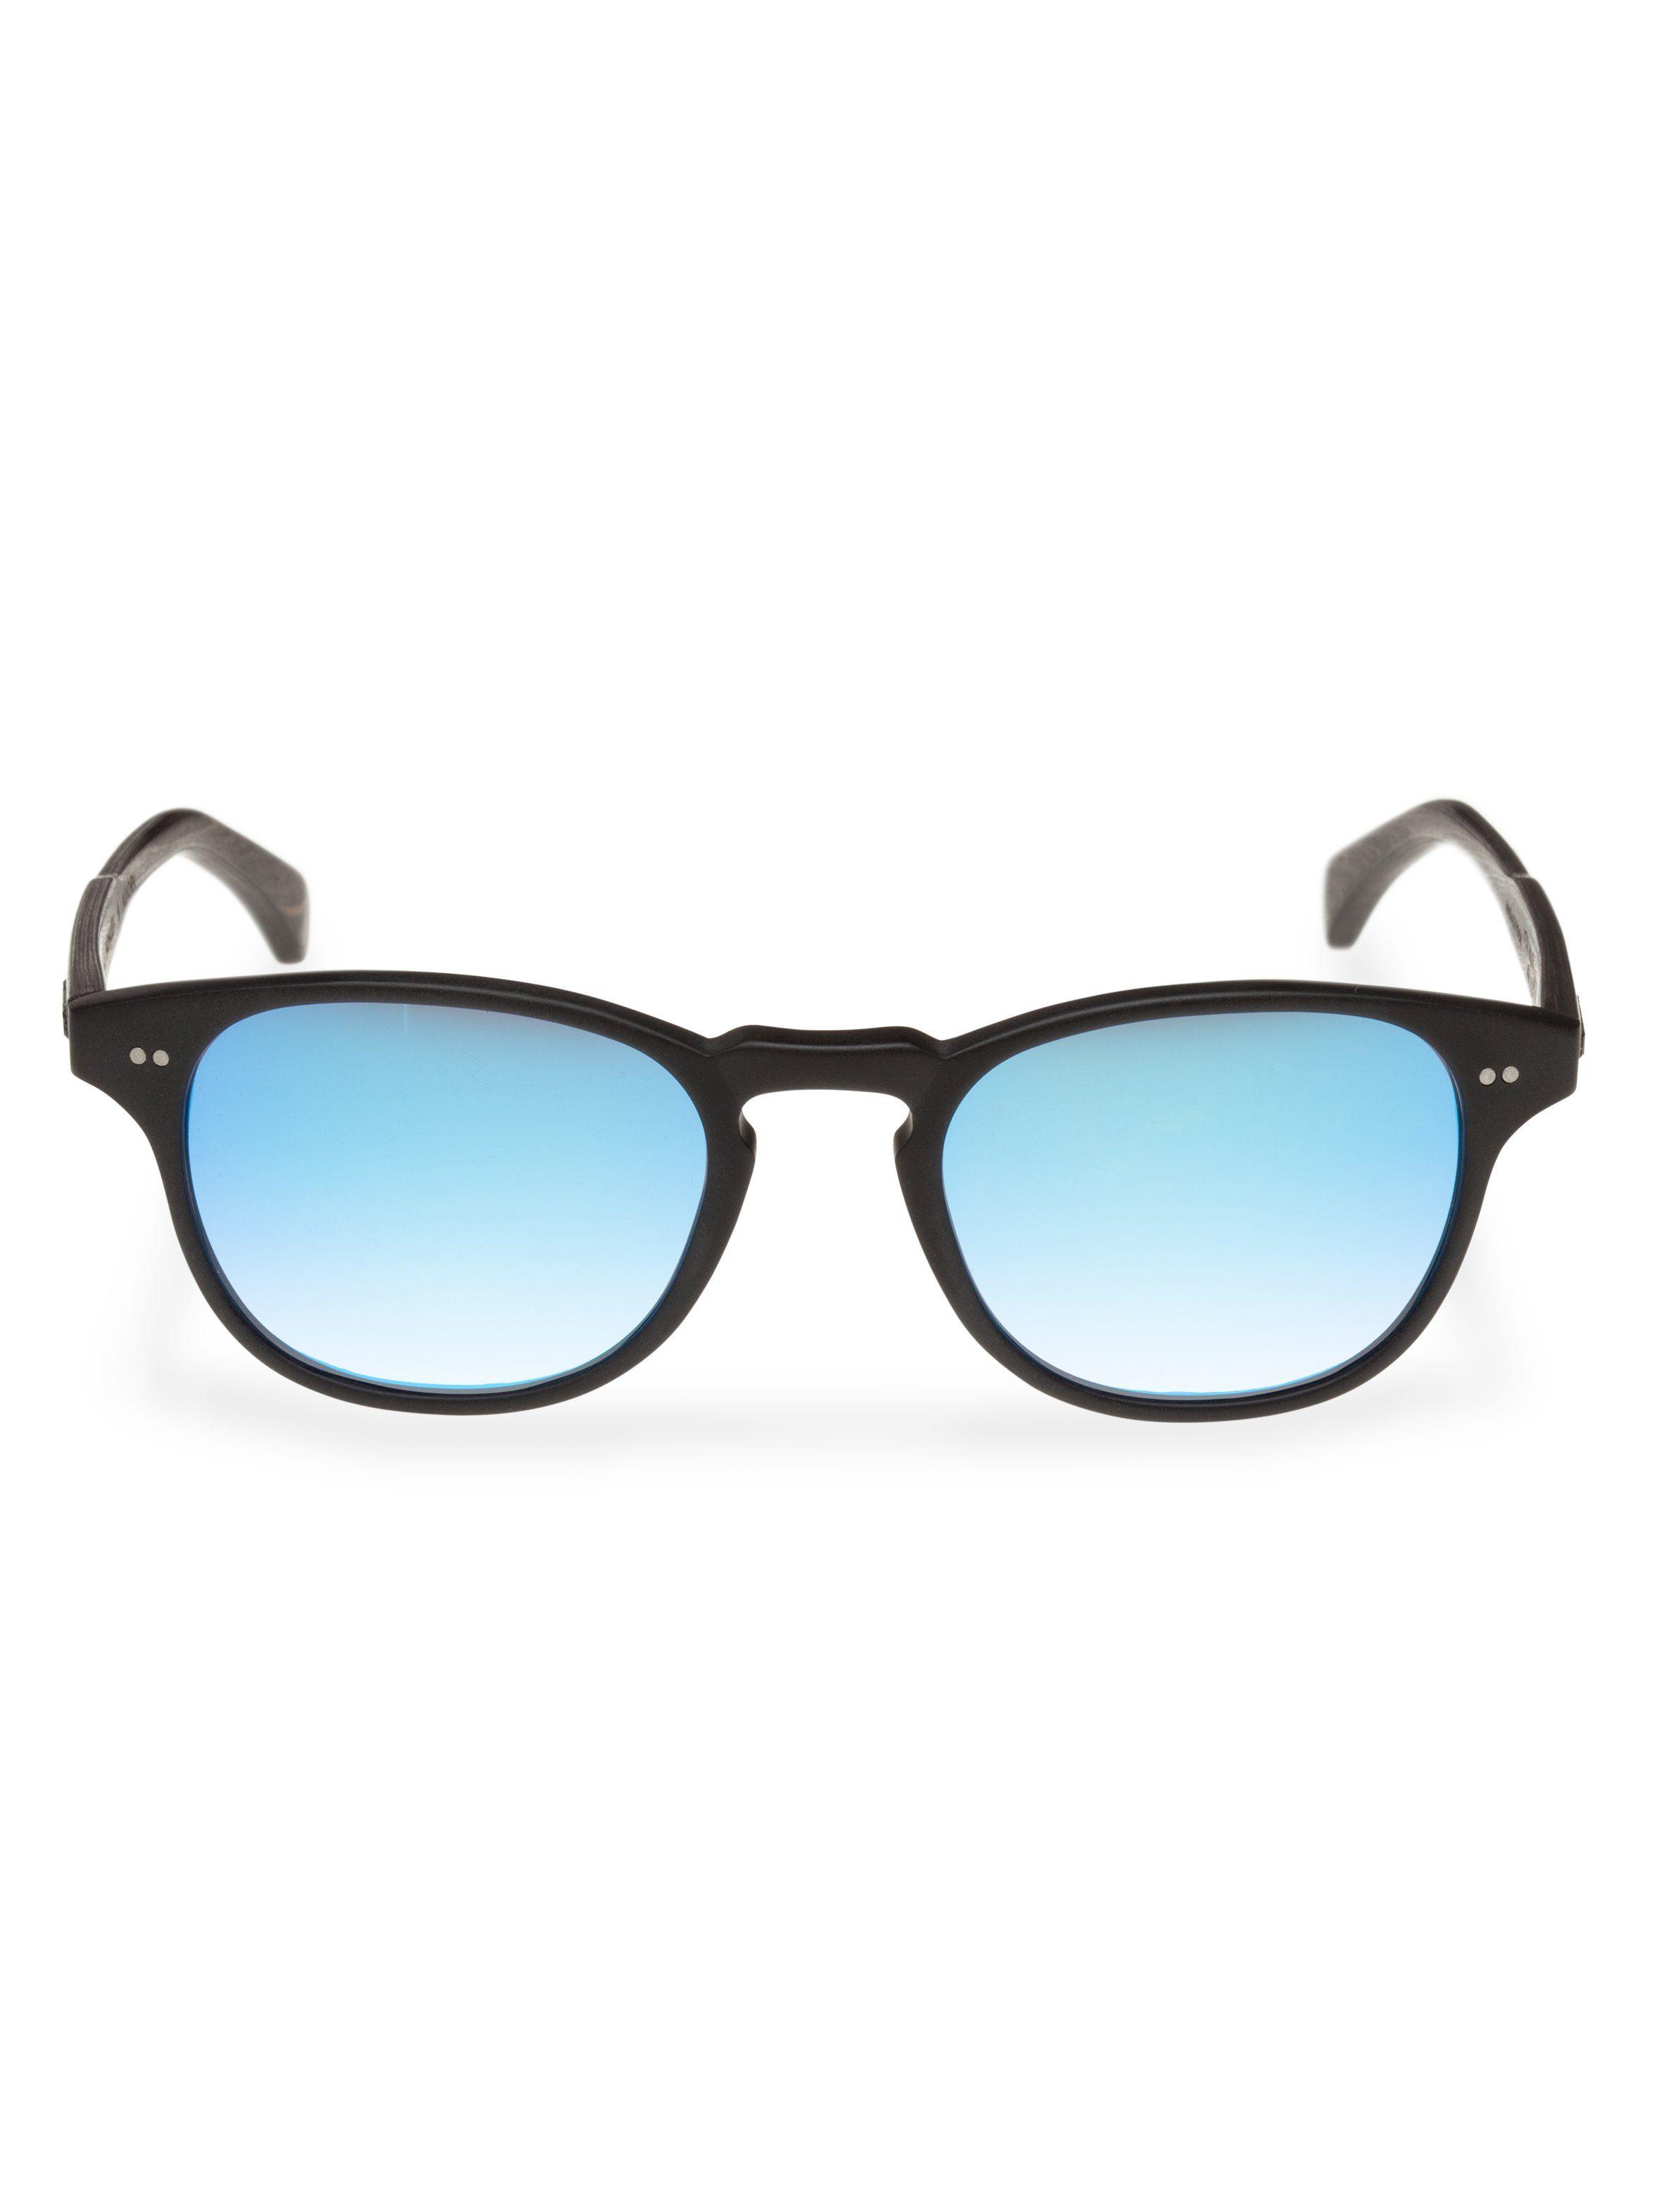 Damen-accessoires Brillenfassungen More & More Extrakleine Brille Mädchenfassung Lila-pink Damengestell Grösse S